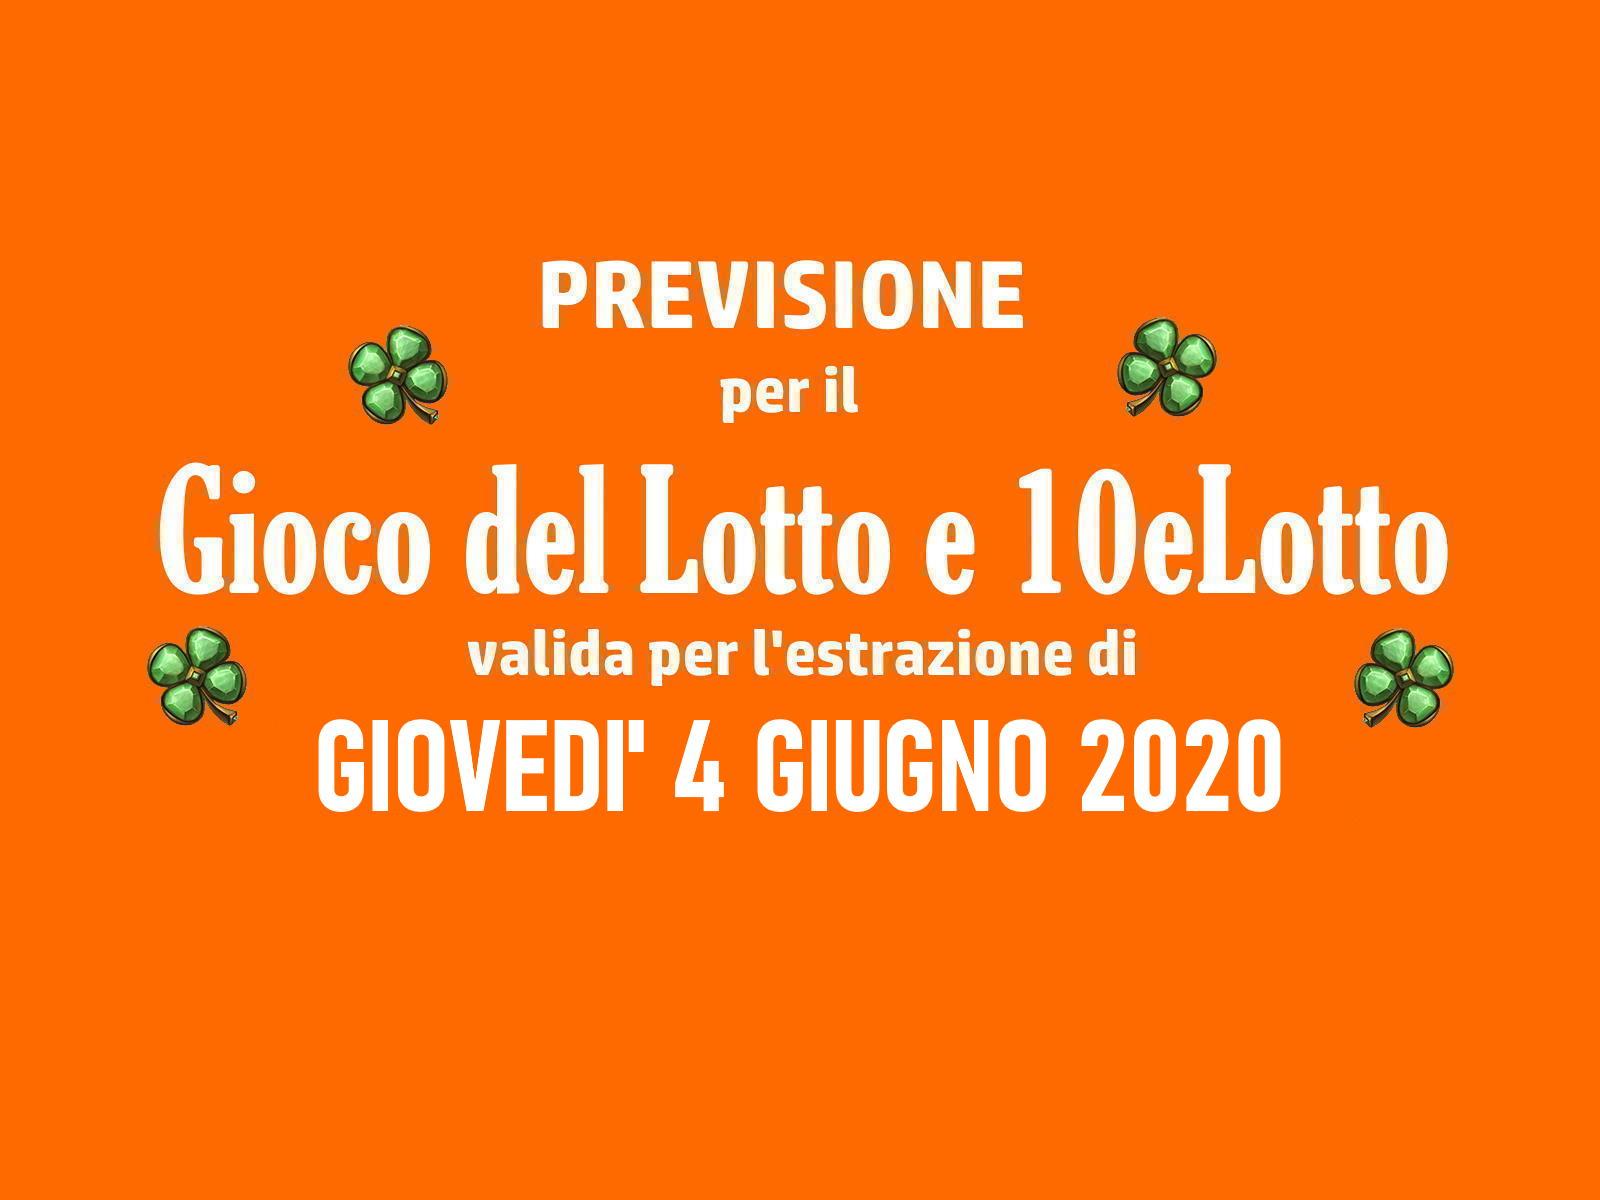 Previsione Lotto 4 Giugno 2020